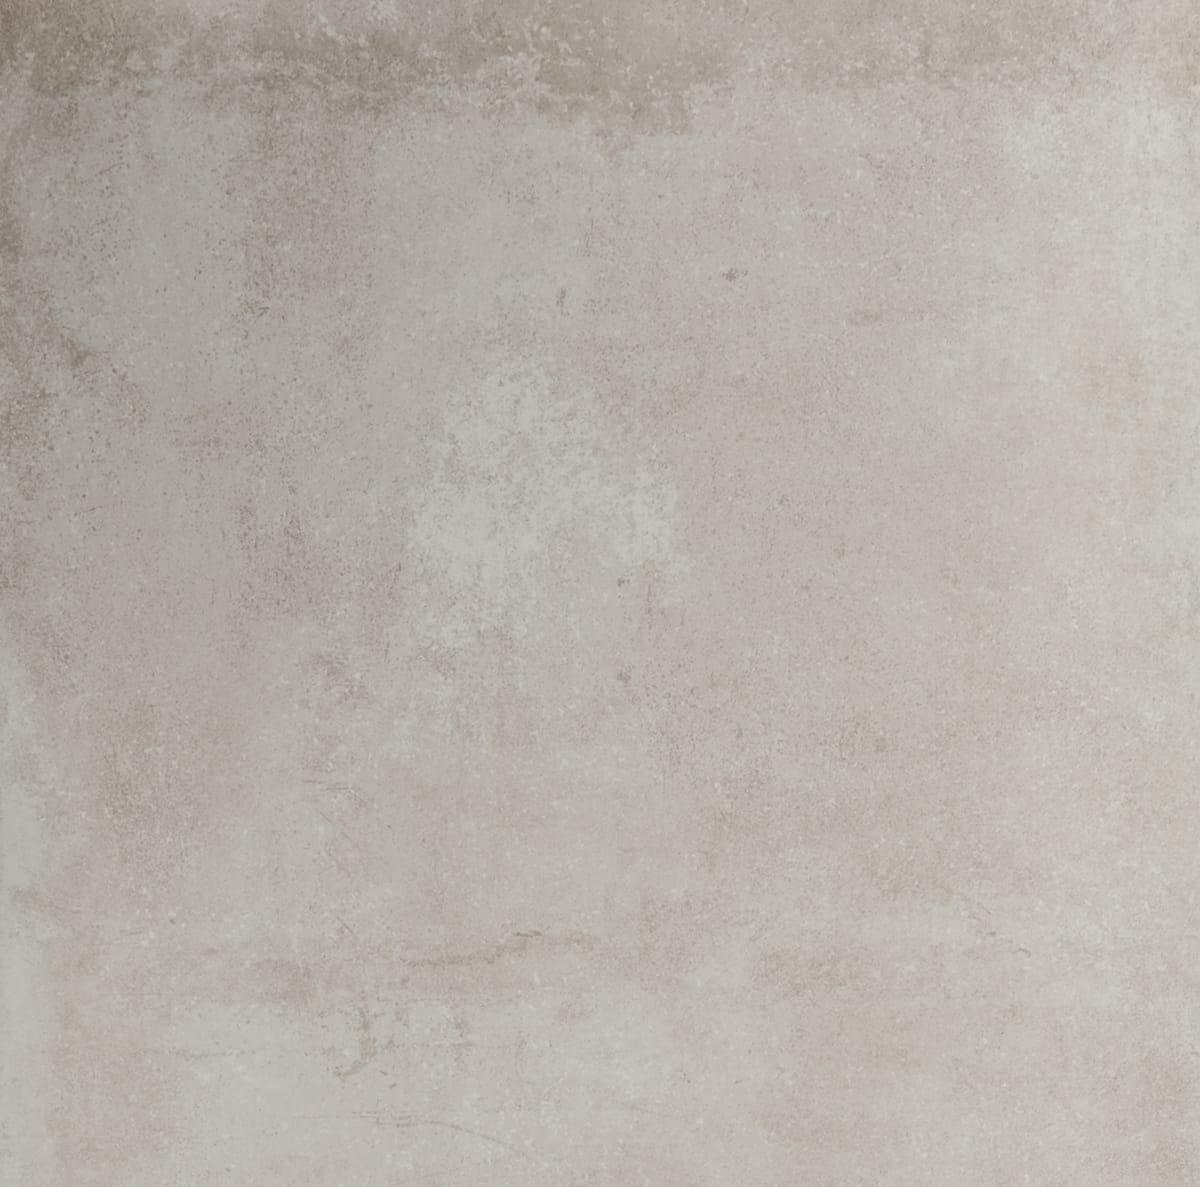 FOTO brooklin beige 75x75 ant